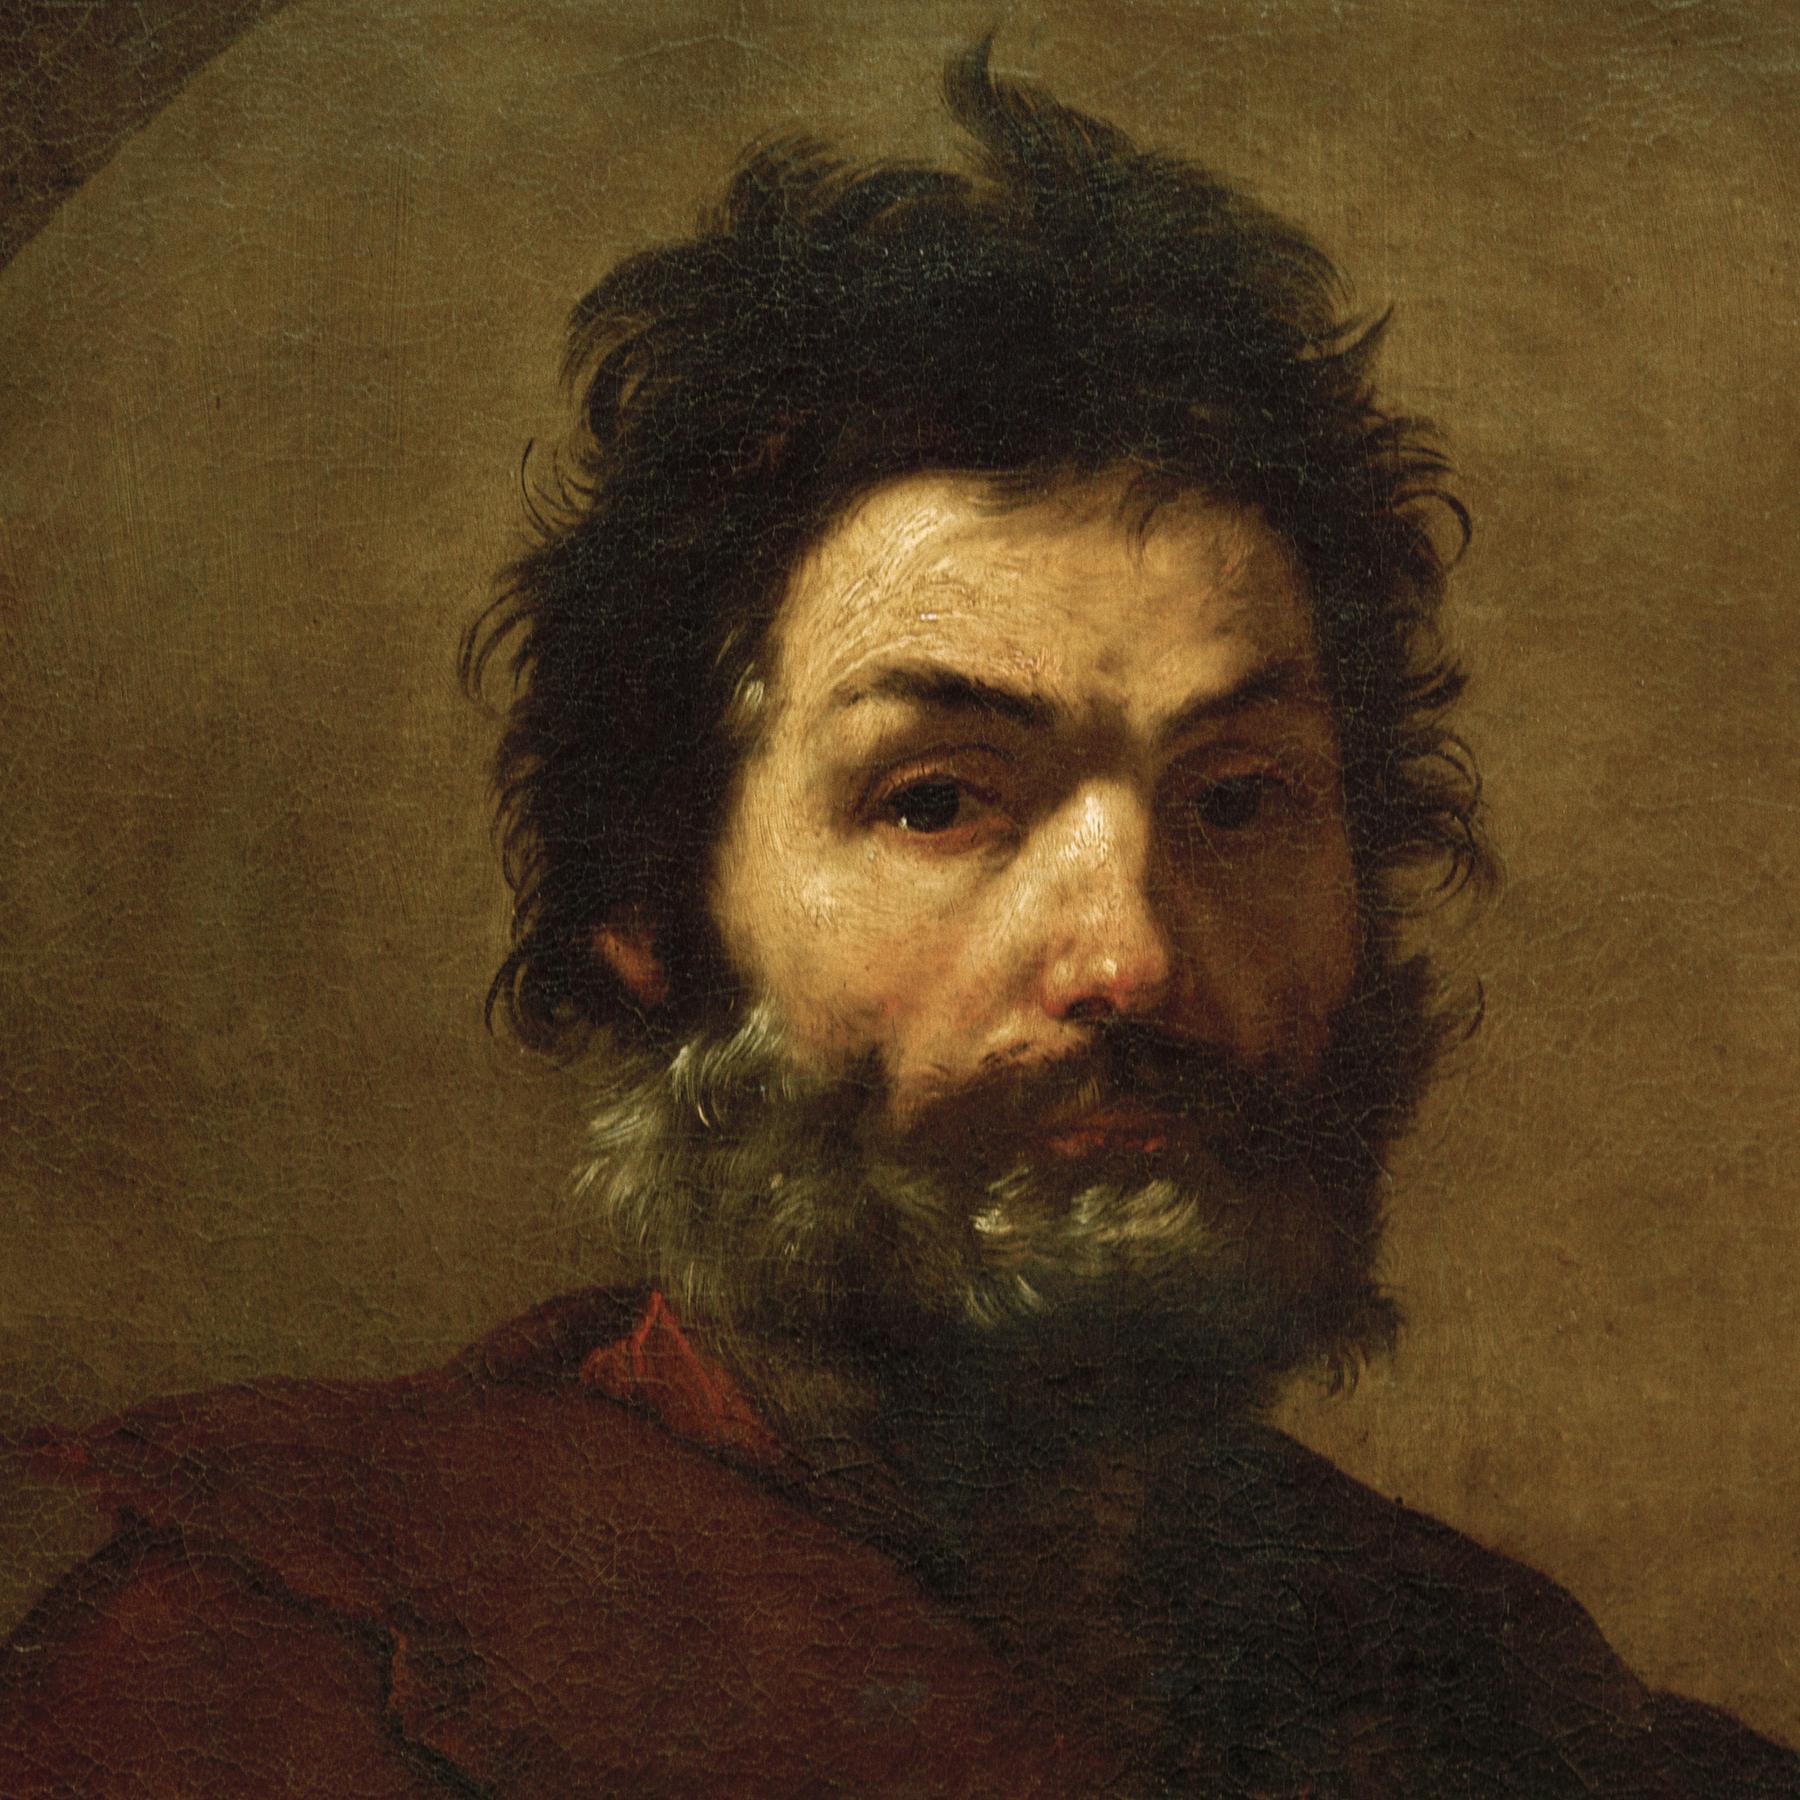 Diogenes Von Sinope Diogenes Of Sinope 2019 11 29